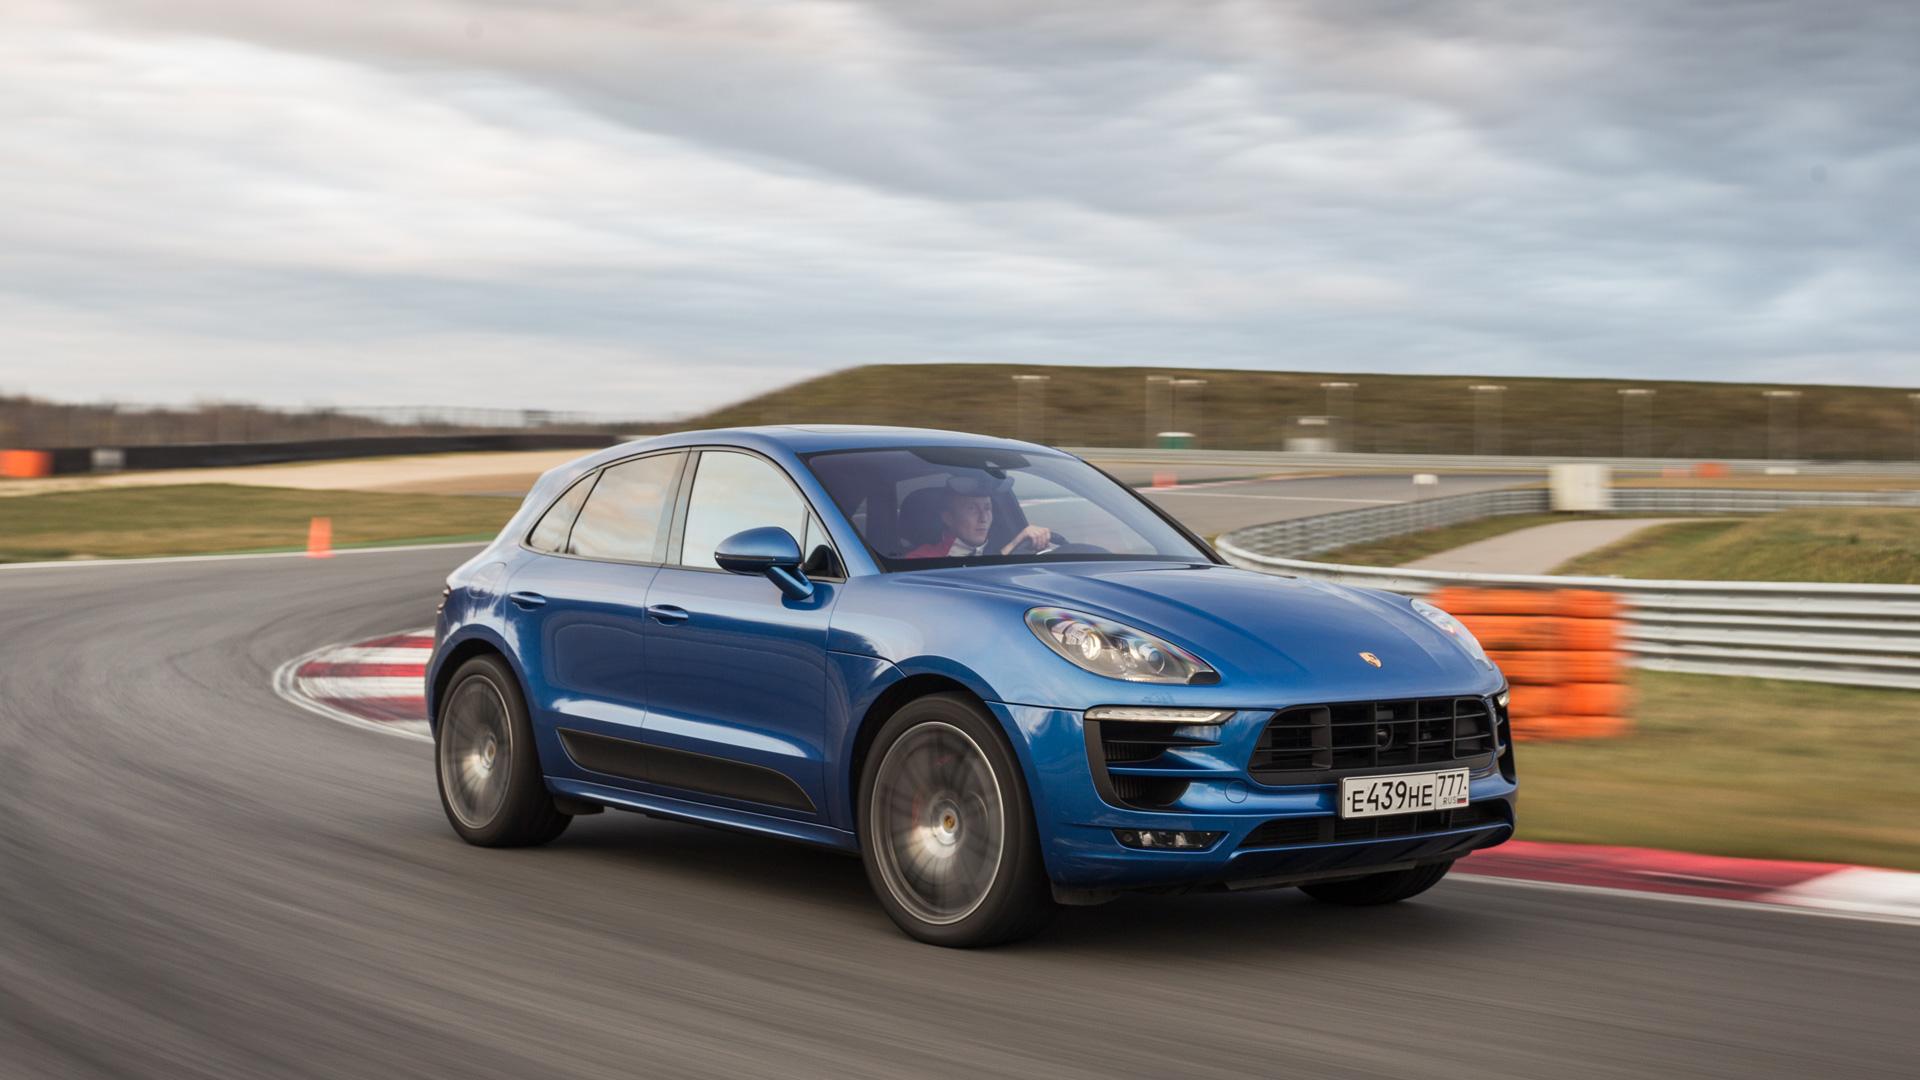 Насыщенный тест всех версий Porsche Macan и Cayenne в трех стихиях – на шоссе, треке и бездорожье. Фото 3